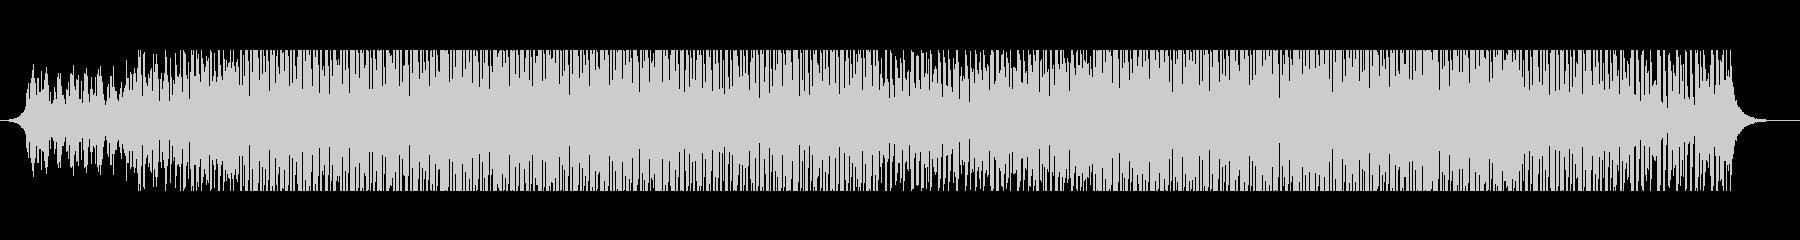 トロピカルサマーポップの未再生の波形